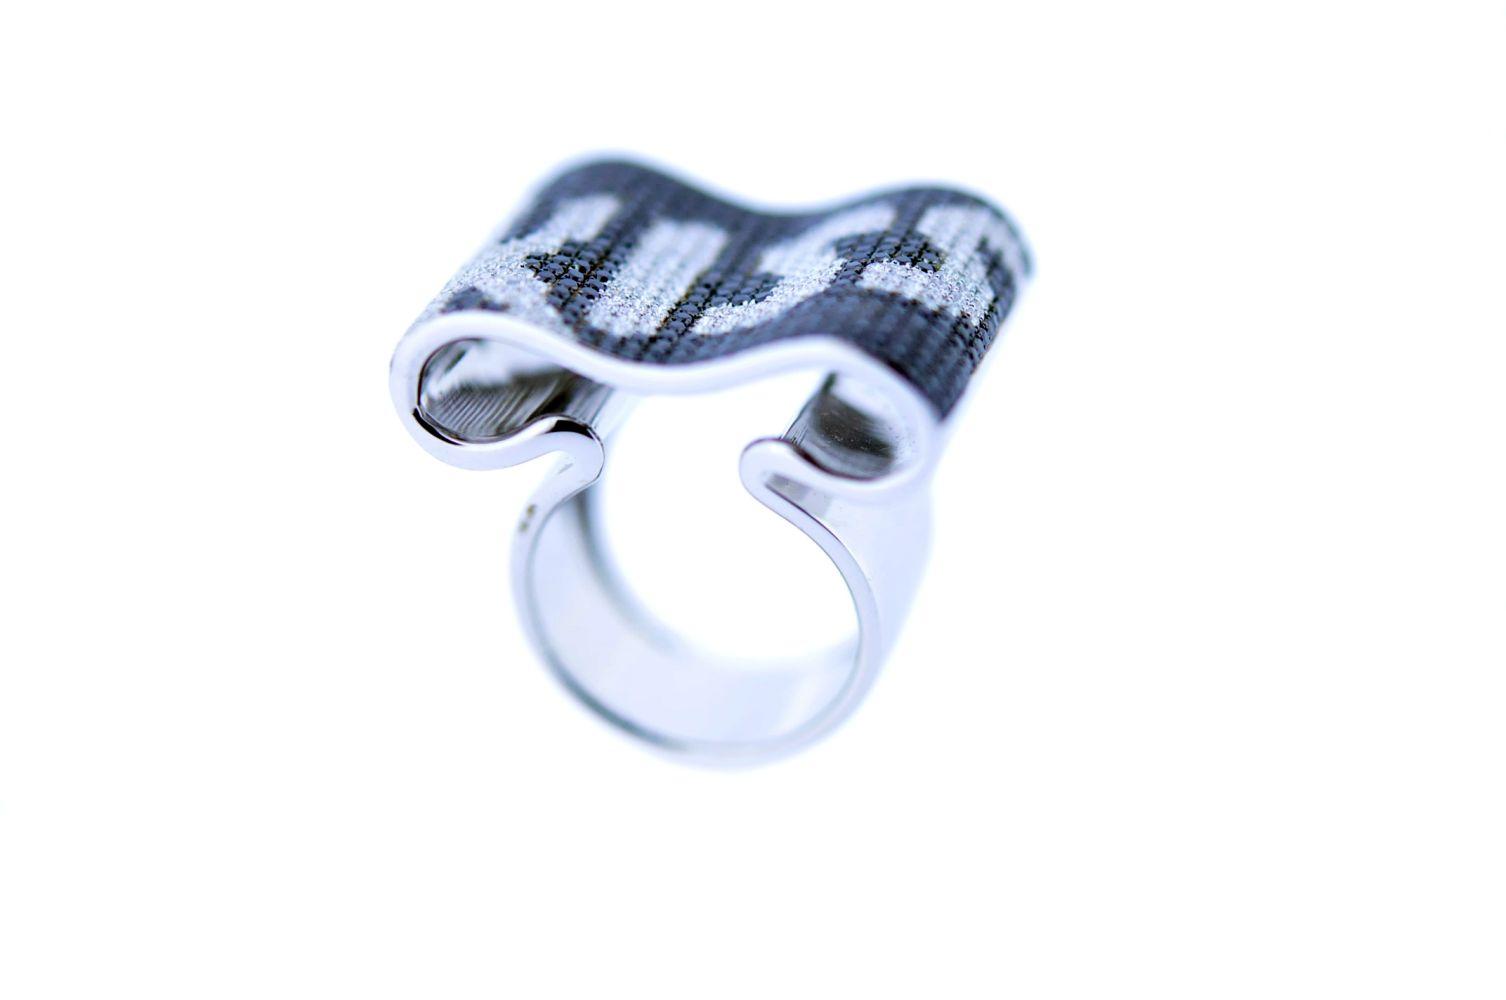 #82 KISS Ring | KISS-Ring Image